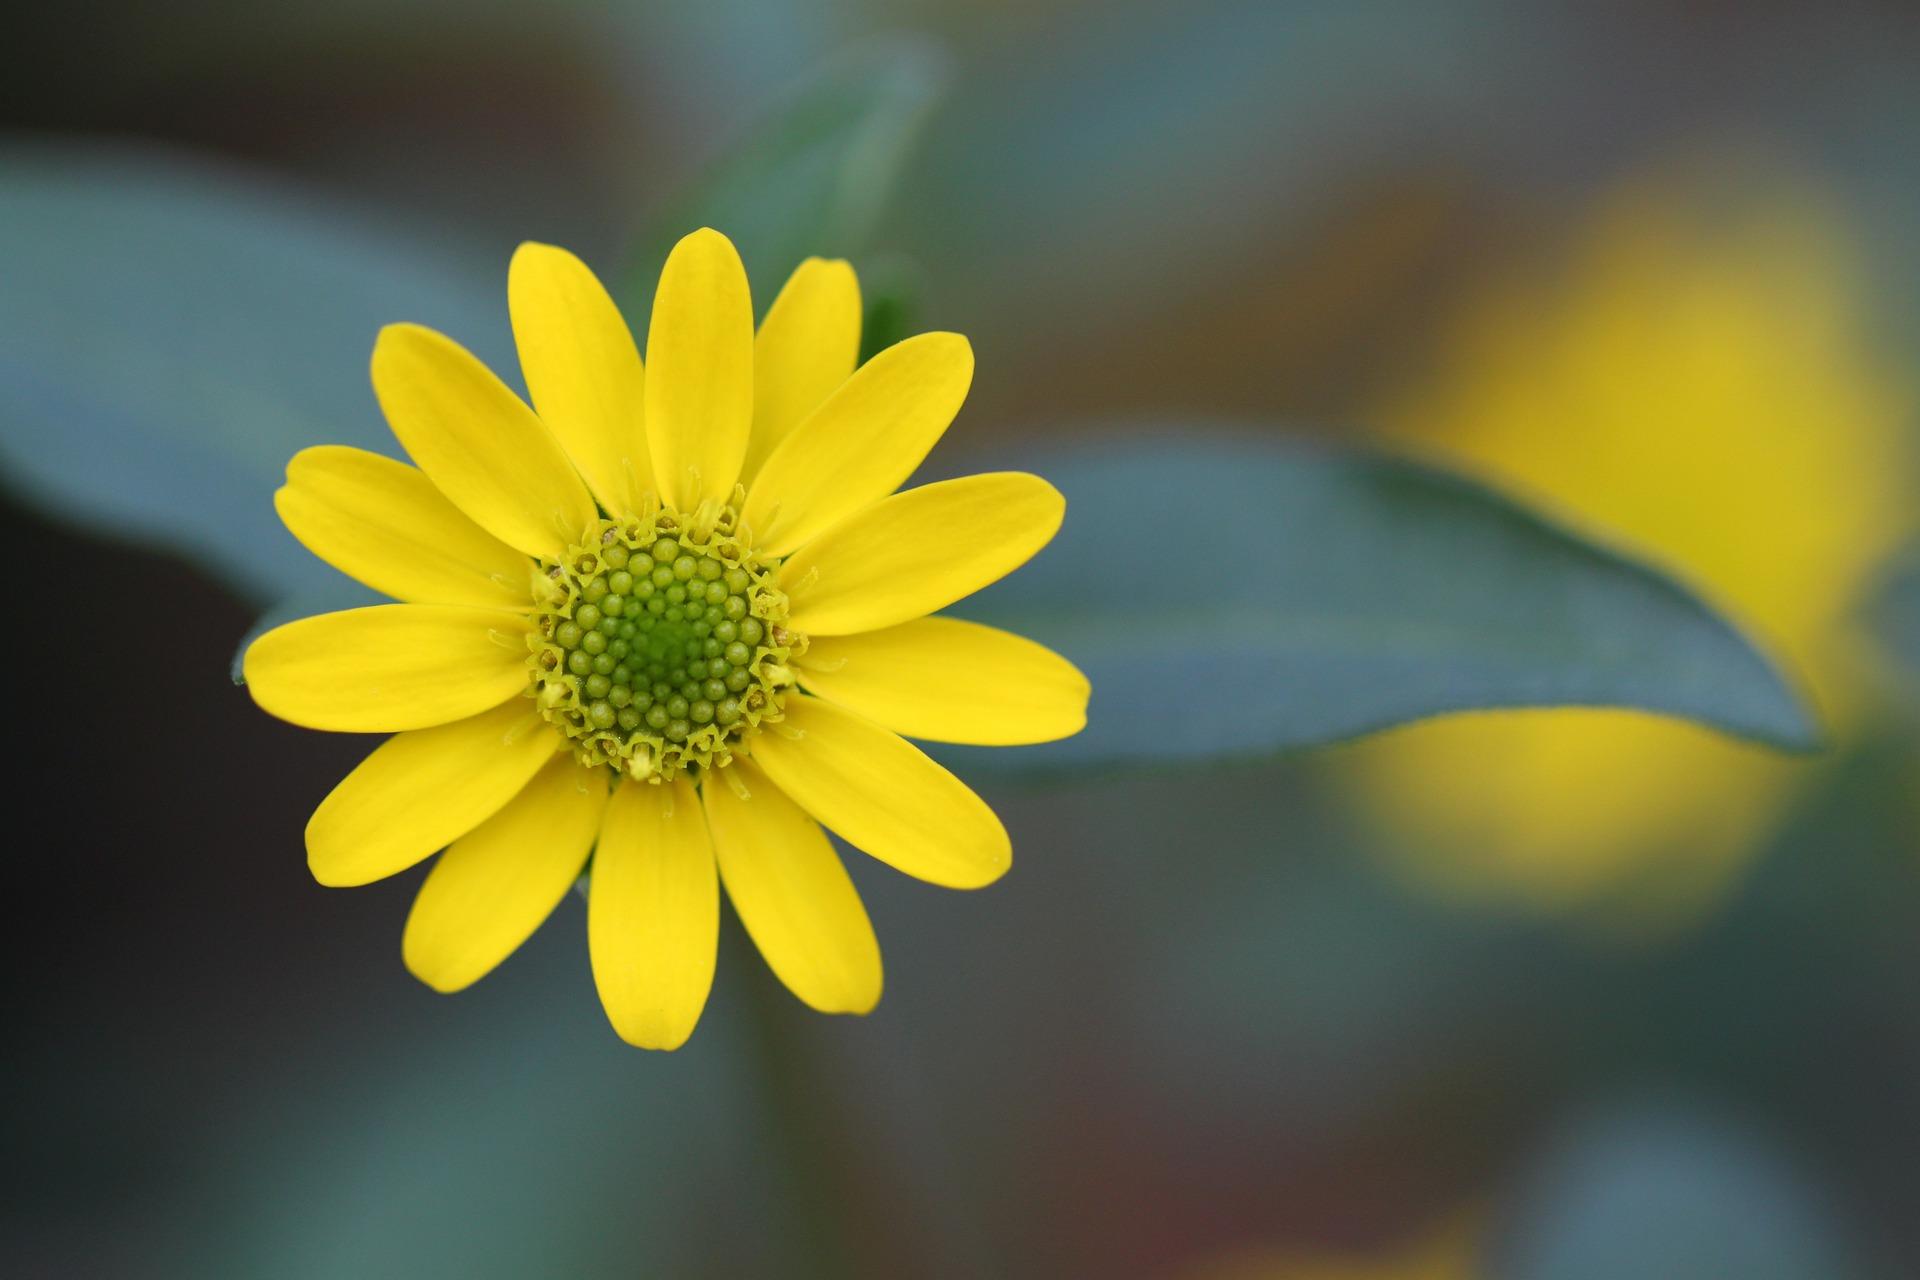 blossom-247409_1920.jpg